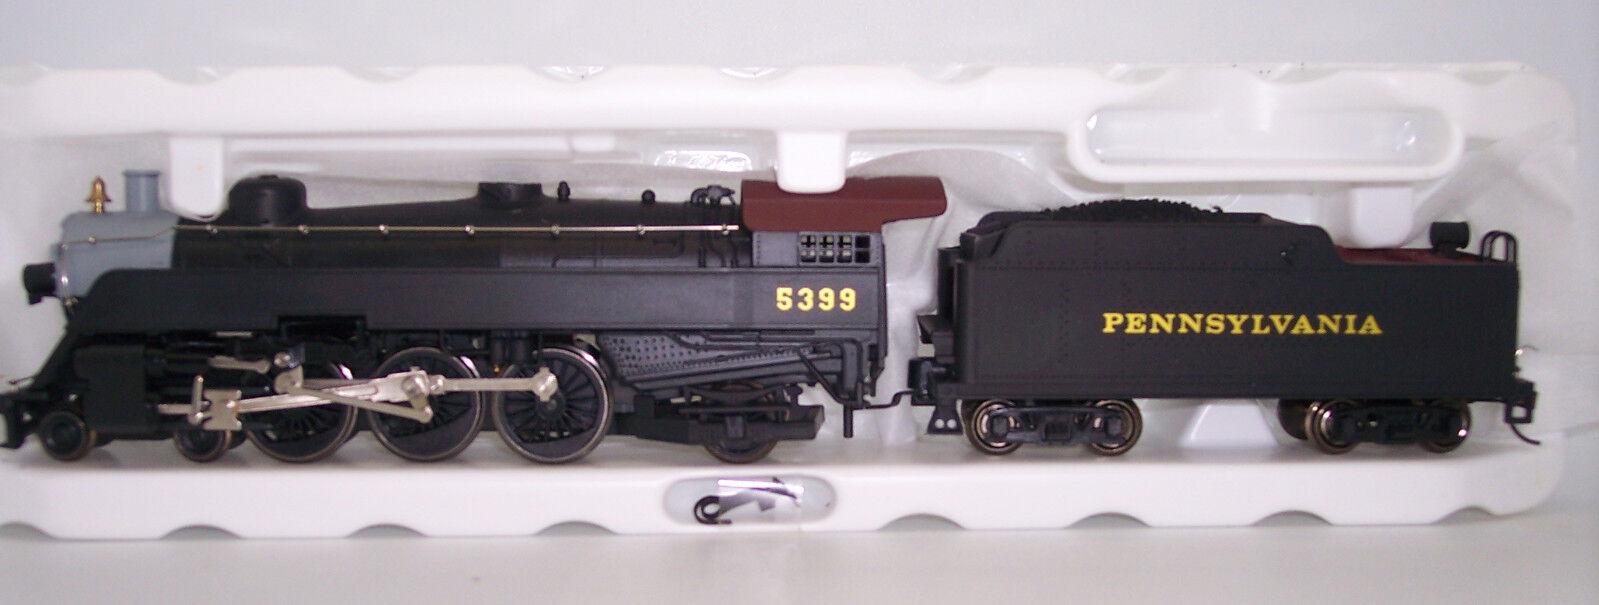 IHC Ho grado 4-6-2 Semi optimizar Pacific Loco & Tender Locomotora DCC S  M9860